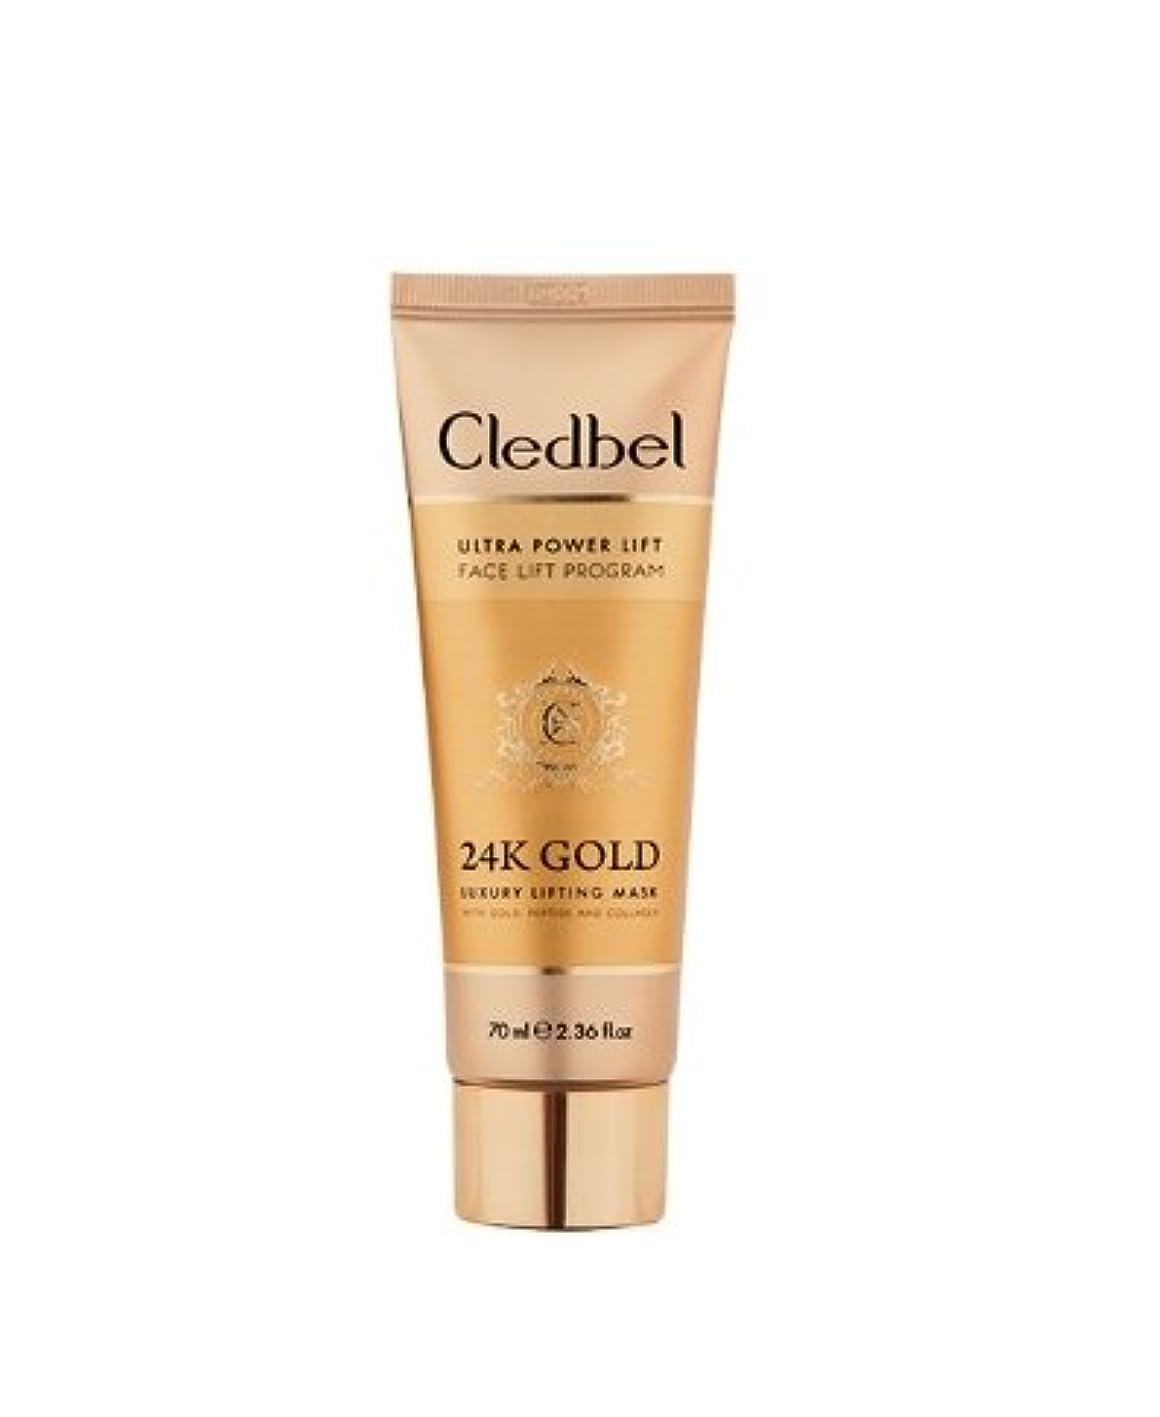 迷彩有毒リンケージ[Cledbel]Cledbel Ultra Power Lift 24K Gold Luxury Lifting Mask 70ml